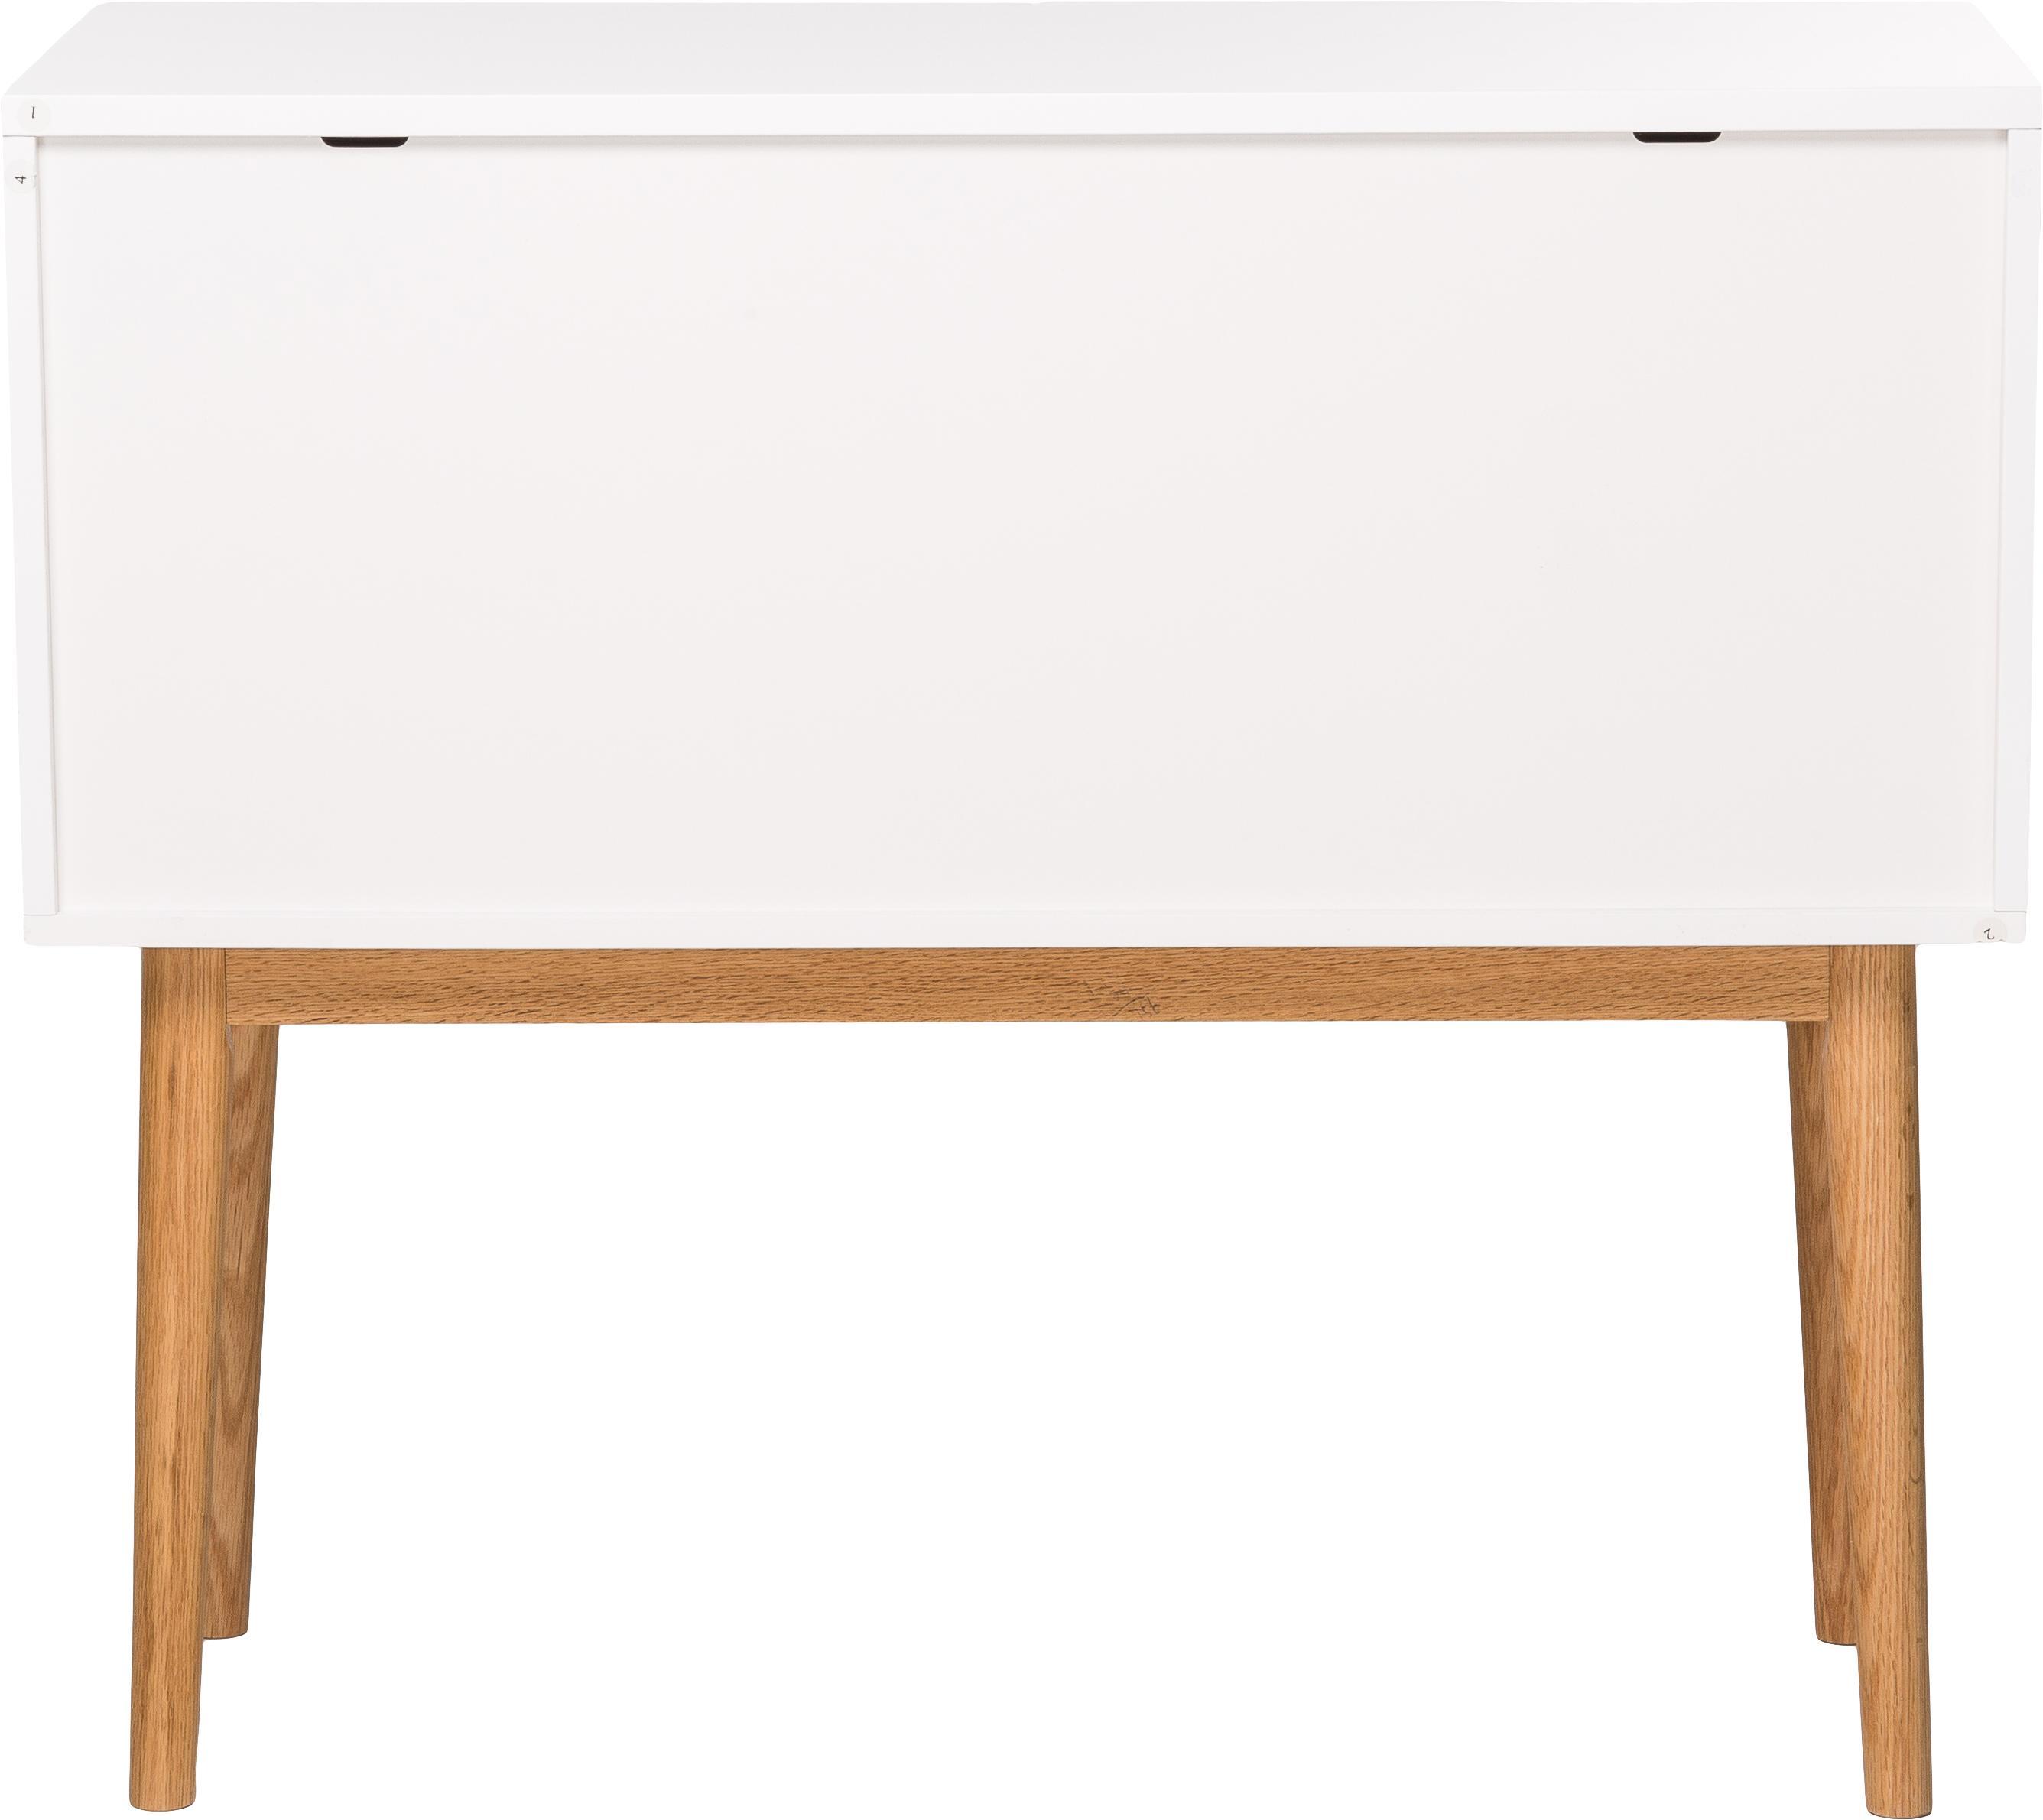 Kleines Sideboard High on Wood in Weiß Hochglanz, Korpus: Mitteldichte Holzfaserpla, Füße: Eiche massiv, Weiß, natur, 90 x 80 cm